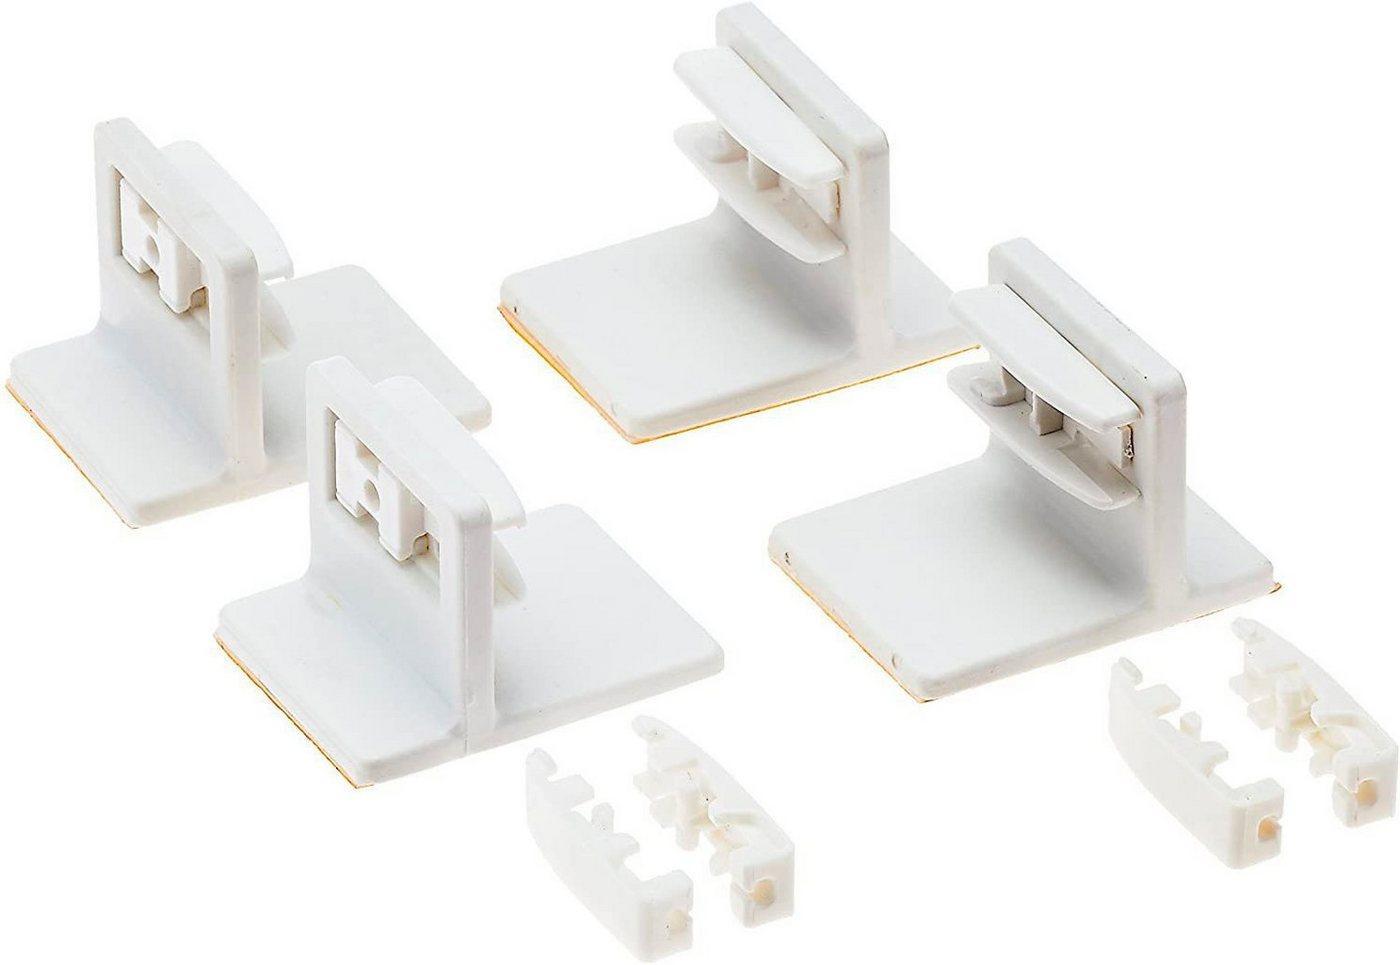 Klebeträger, K-HOME, Plissees, (Set, 4-tlg), für die Befestigung von verspannten Plissees auf dem Fensterrahmen, weiß